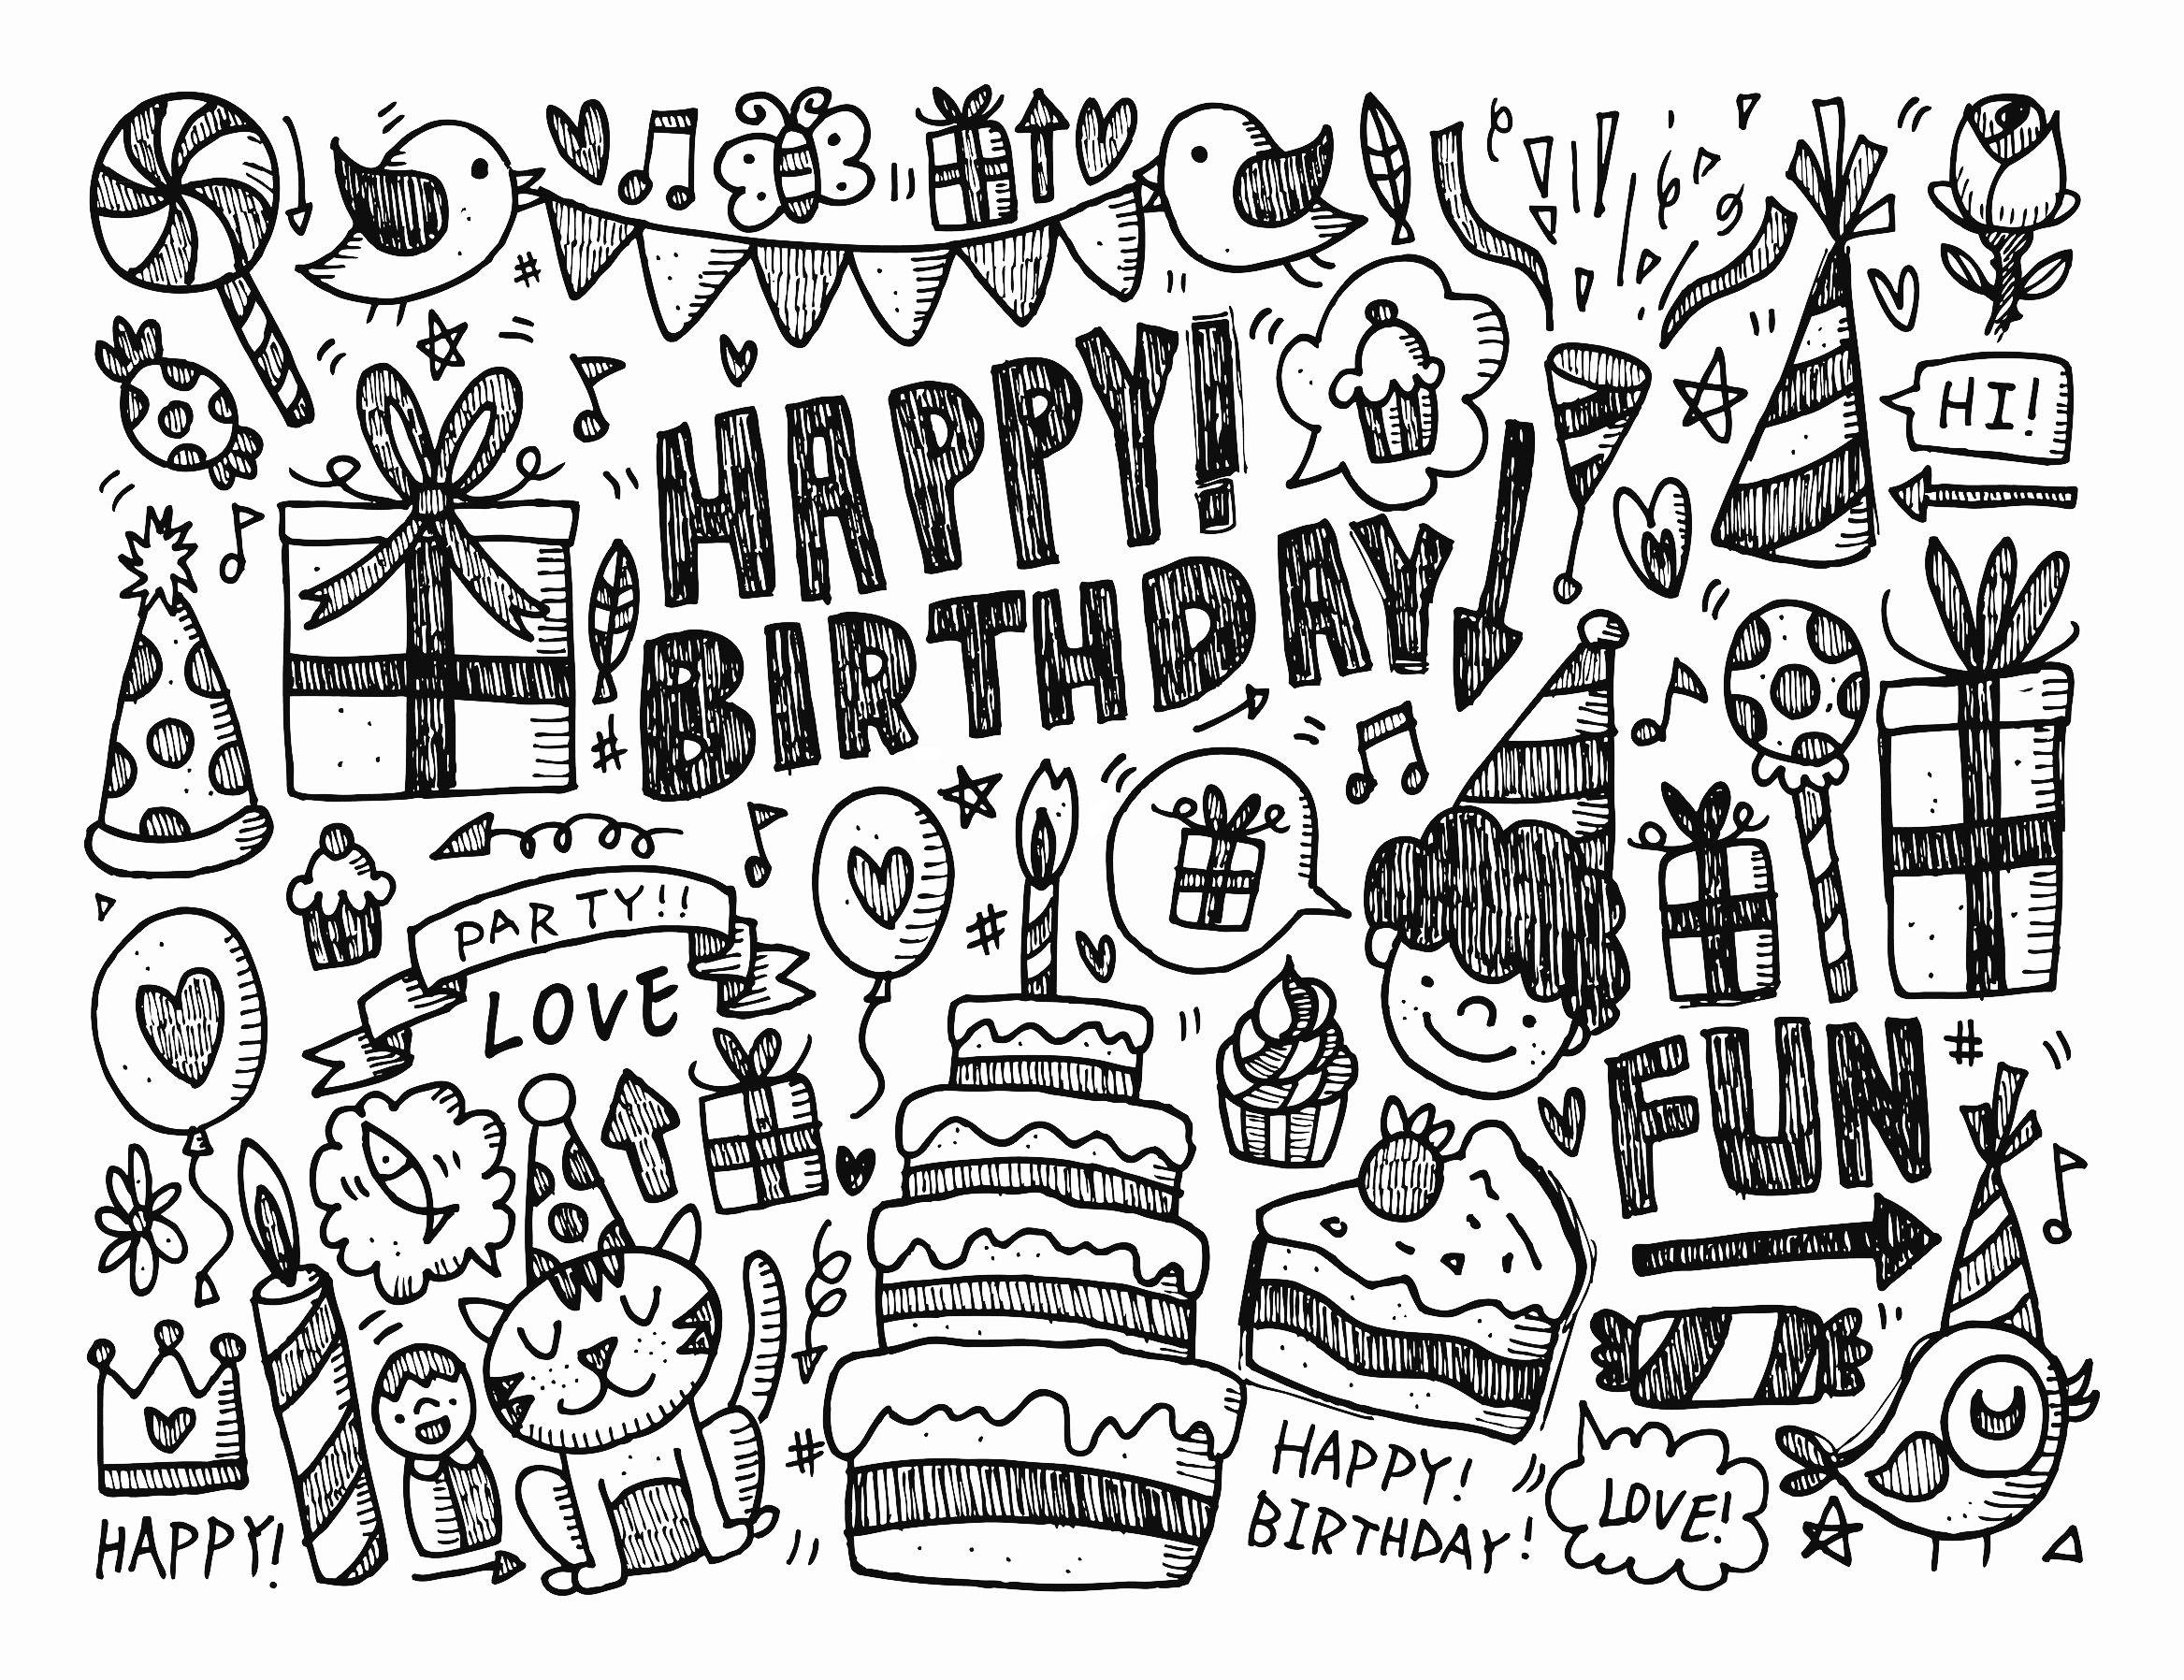 Free Doodle Coloring page Happy Birthday by notkoo2008 #doodle #doodling #doodle-art #happyhalloweenschriftzug